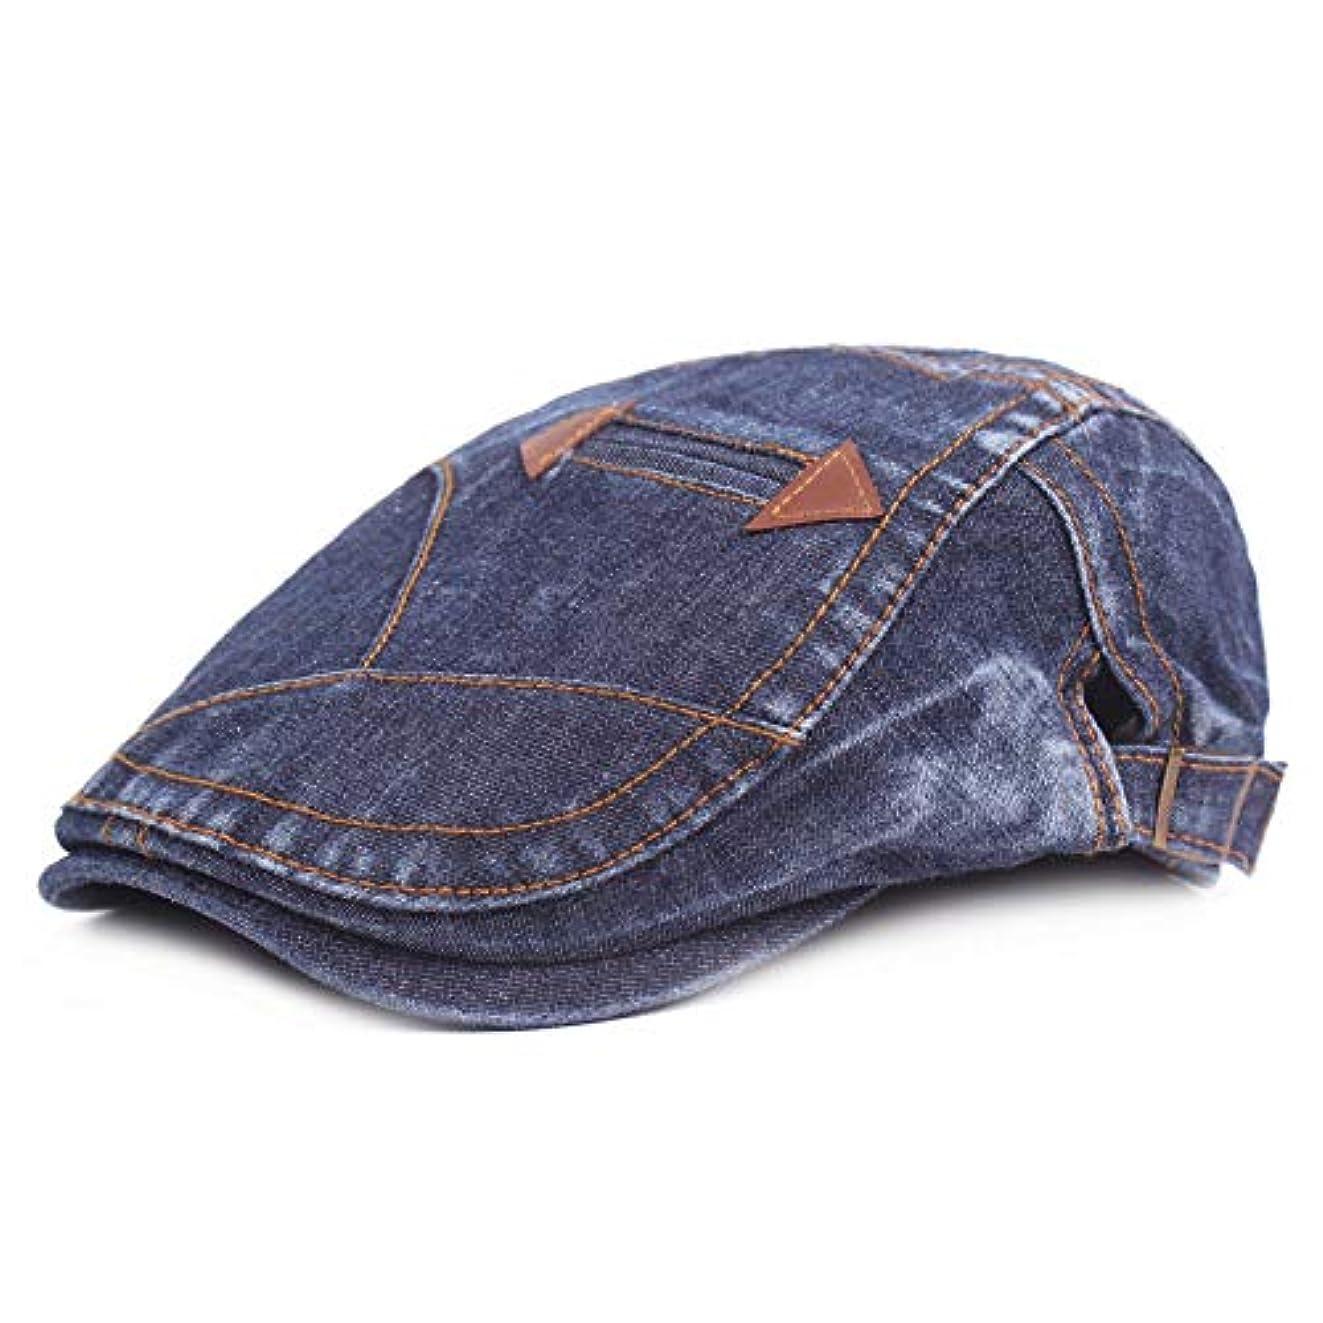 維持オフ現代ベレー帽 ユニセックス おしゃれ 綿 ハンチング帽子 紫外線対策調節可能 日よけ 帽子